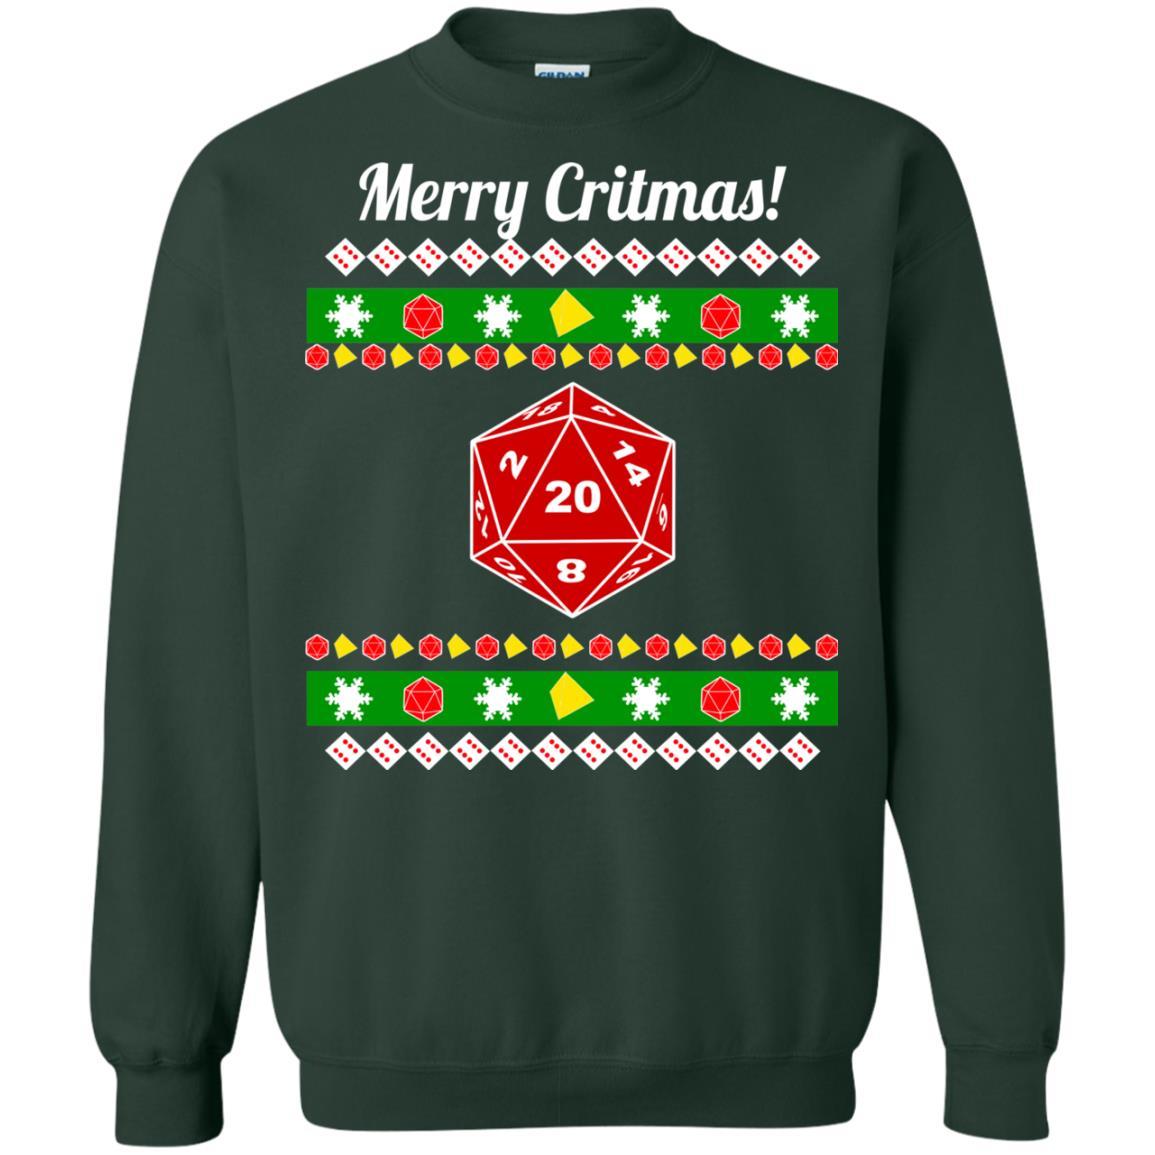 image 2212 - Merry Critmas Christmas ugly Sweatshirts, Long Sleeve